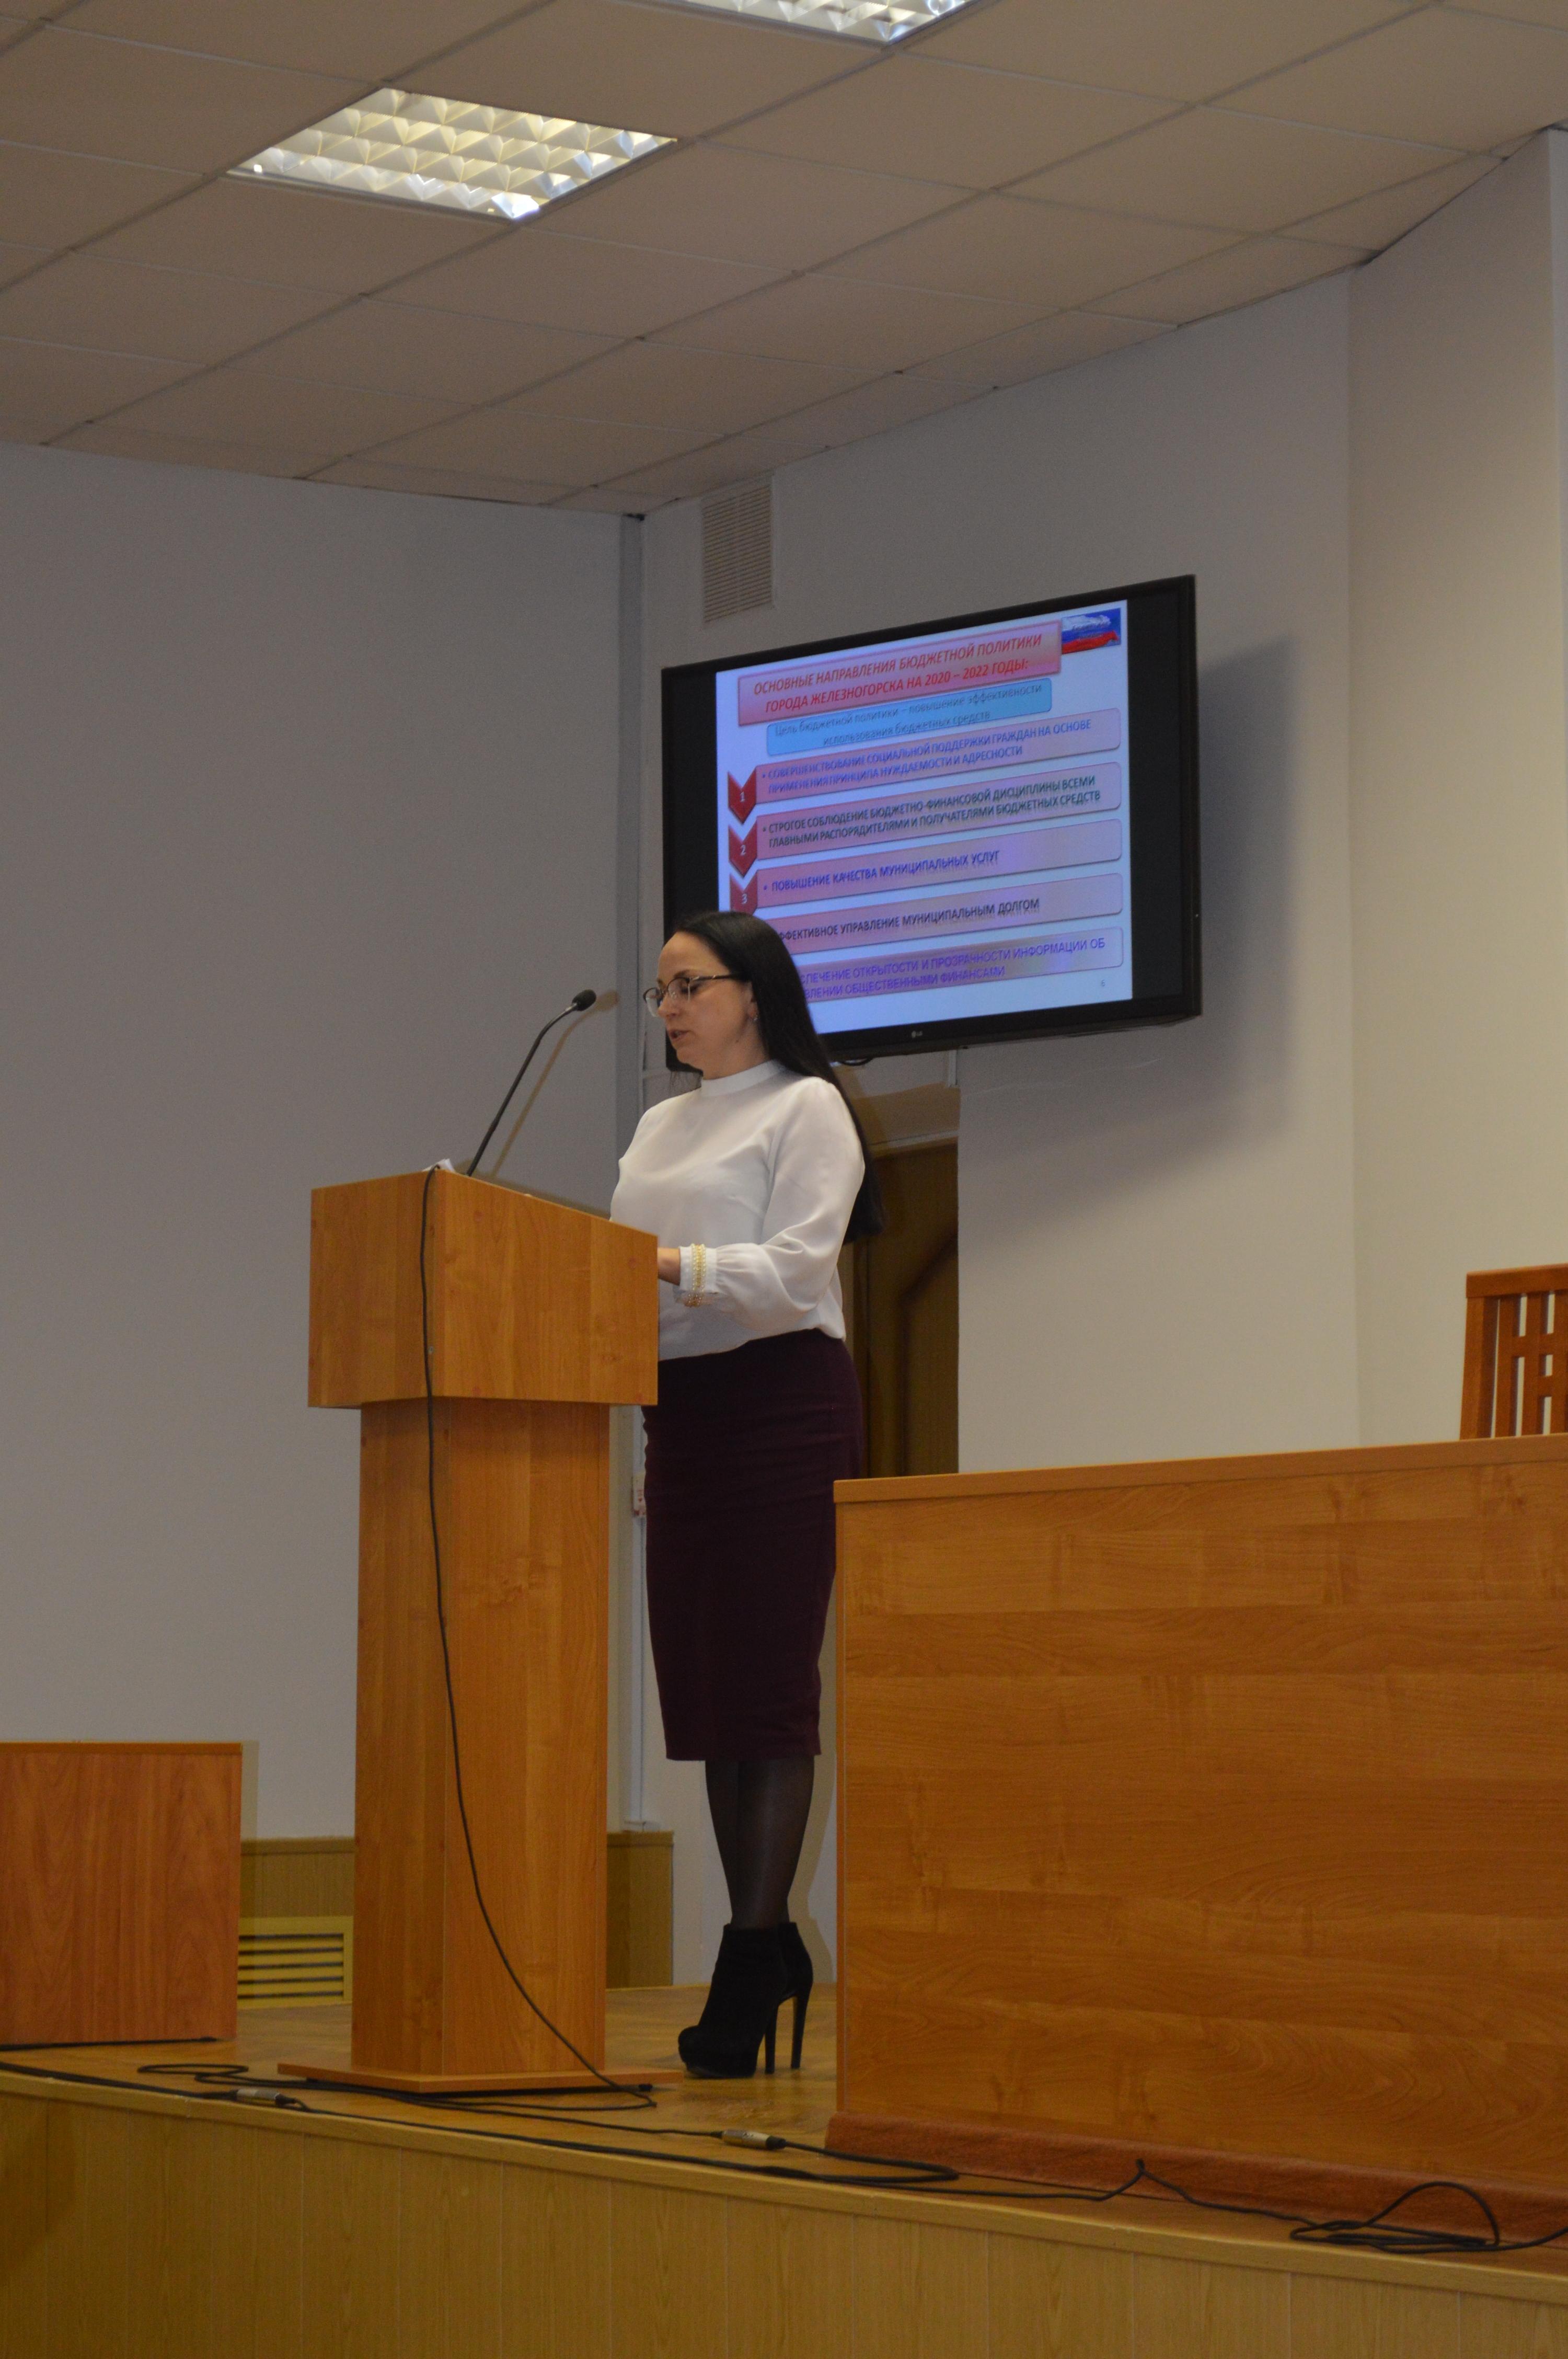 Публичные слушания по проекту бюджета города Железногорска на 2020 и плановый период 2021, 2022 годов